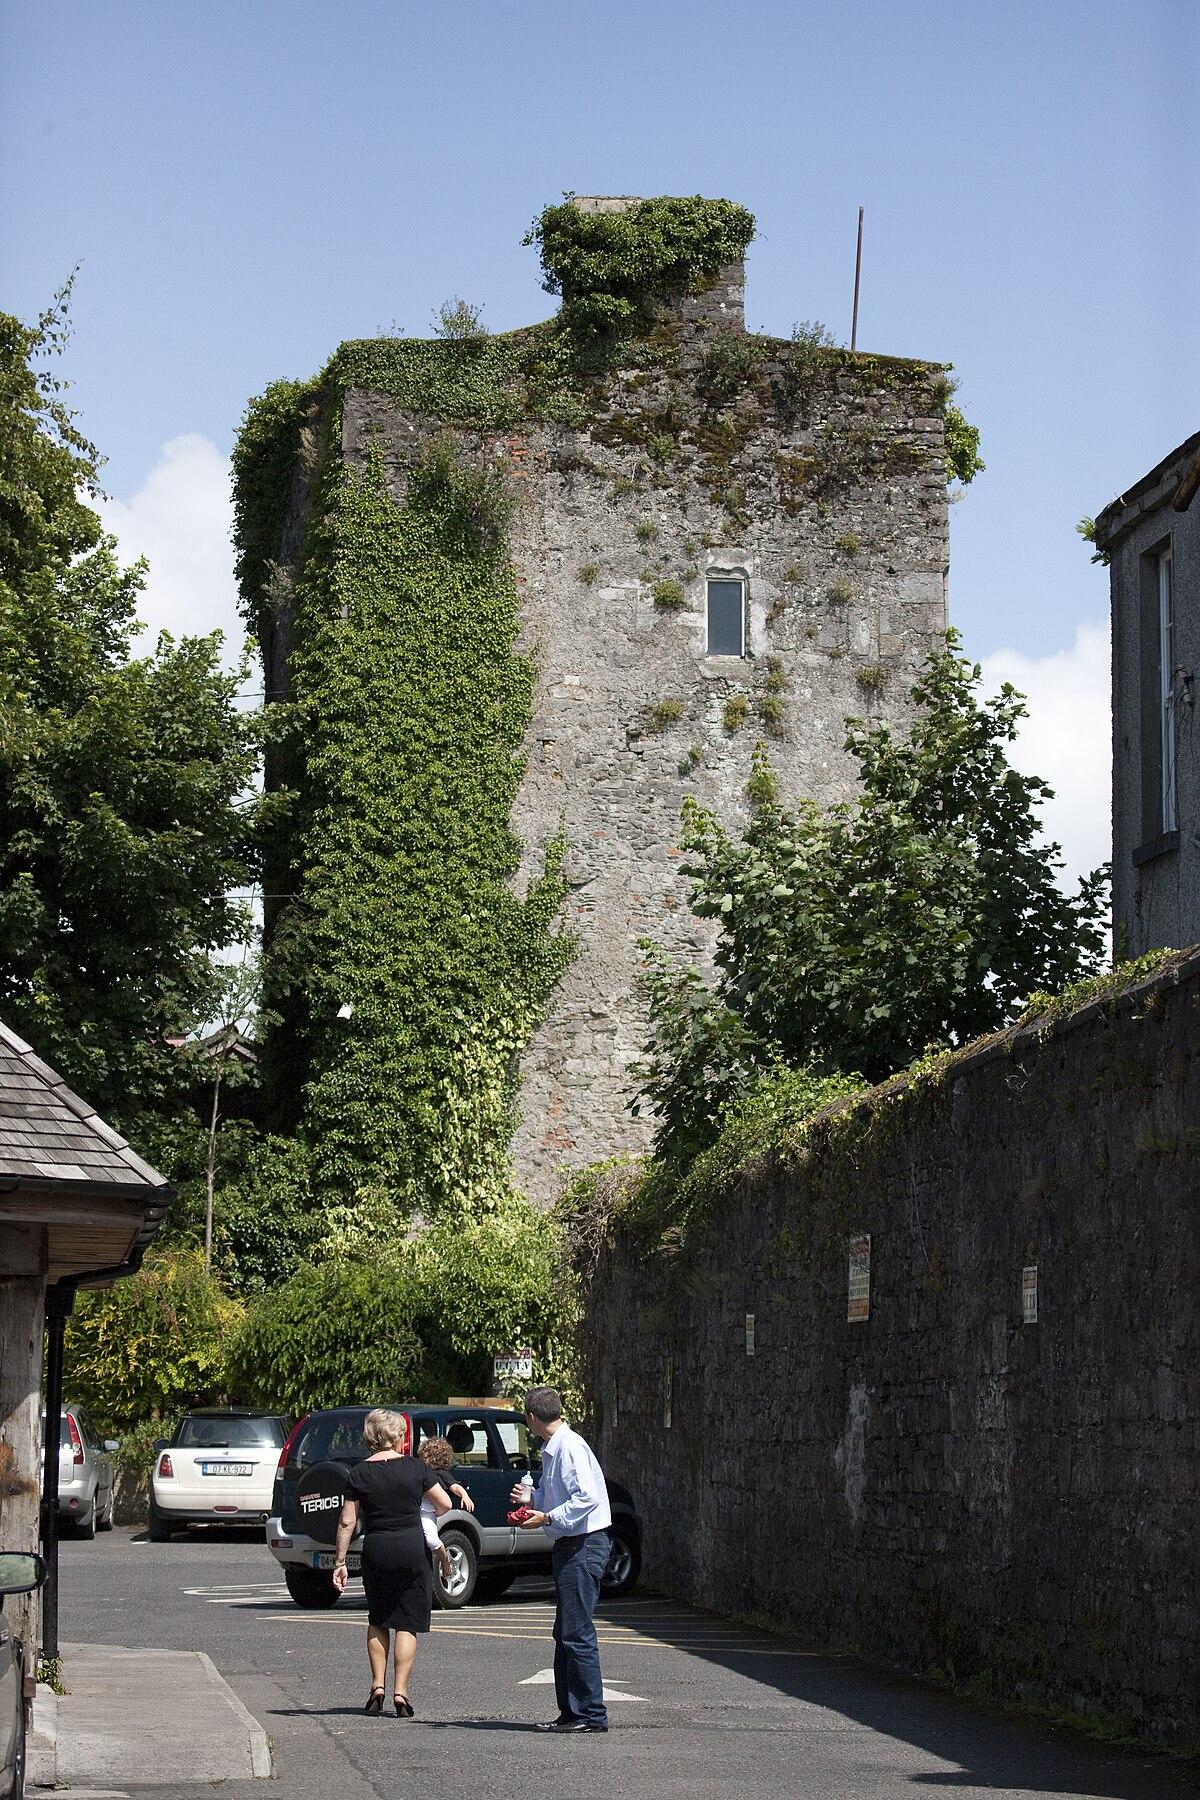 Kildare castle wikidata for Kildare castle